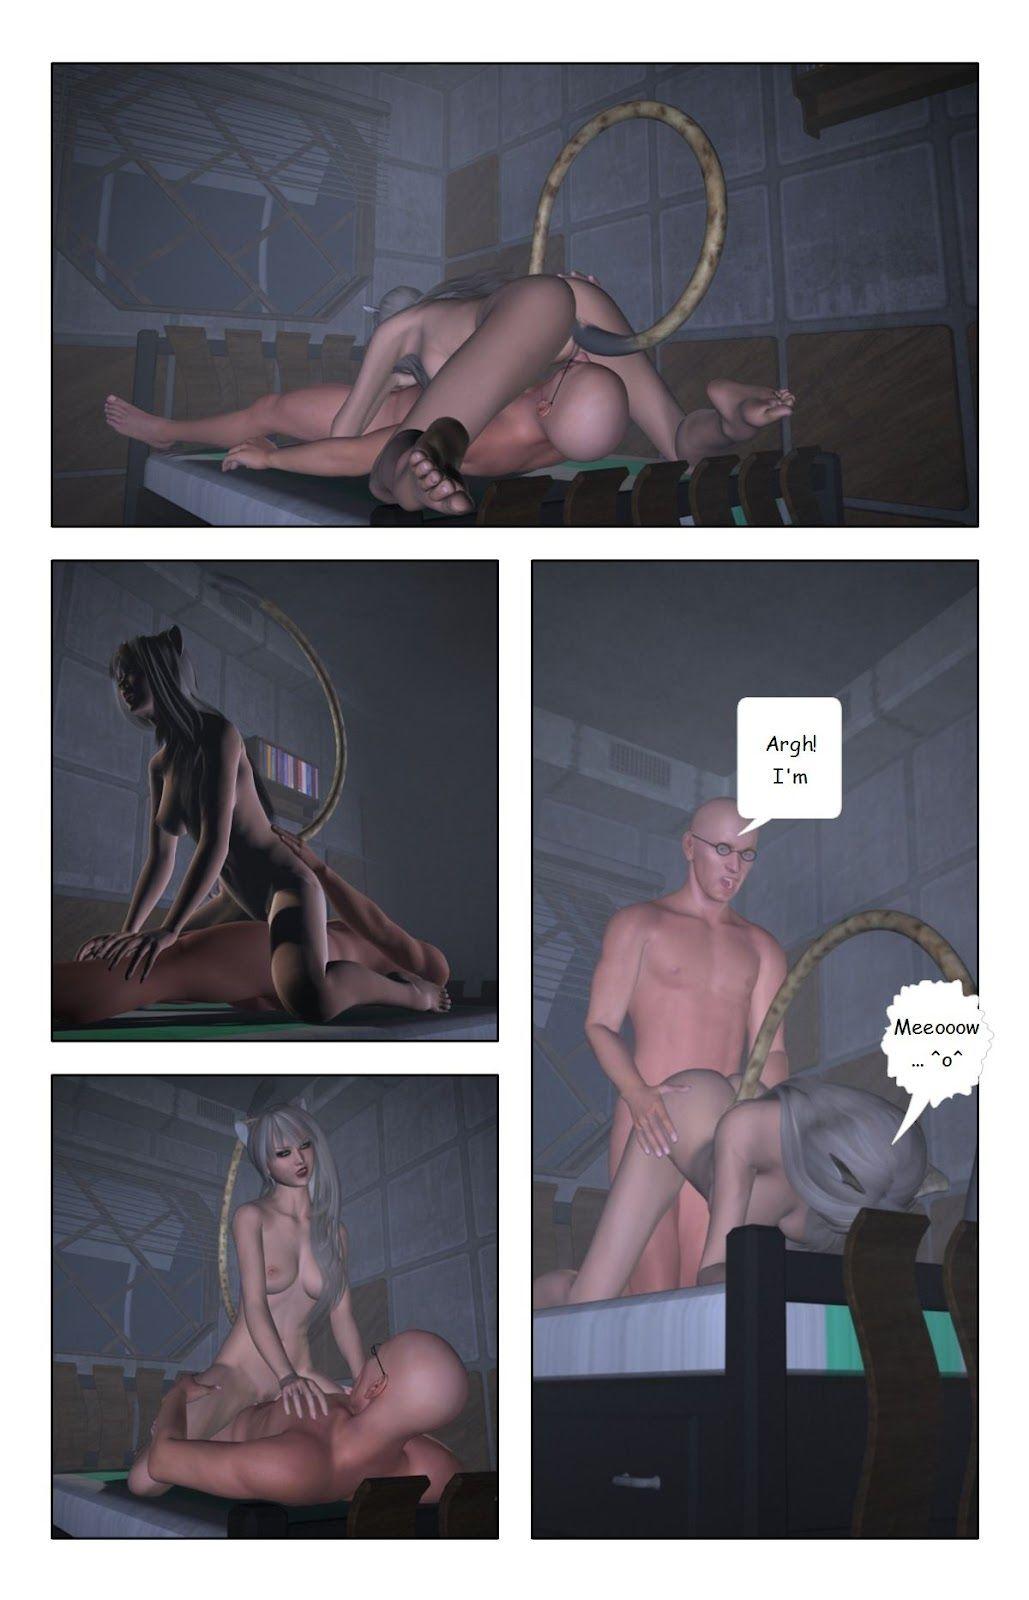 Catgirl - part 2